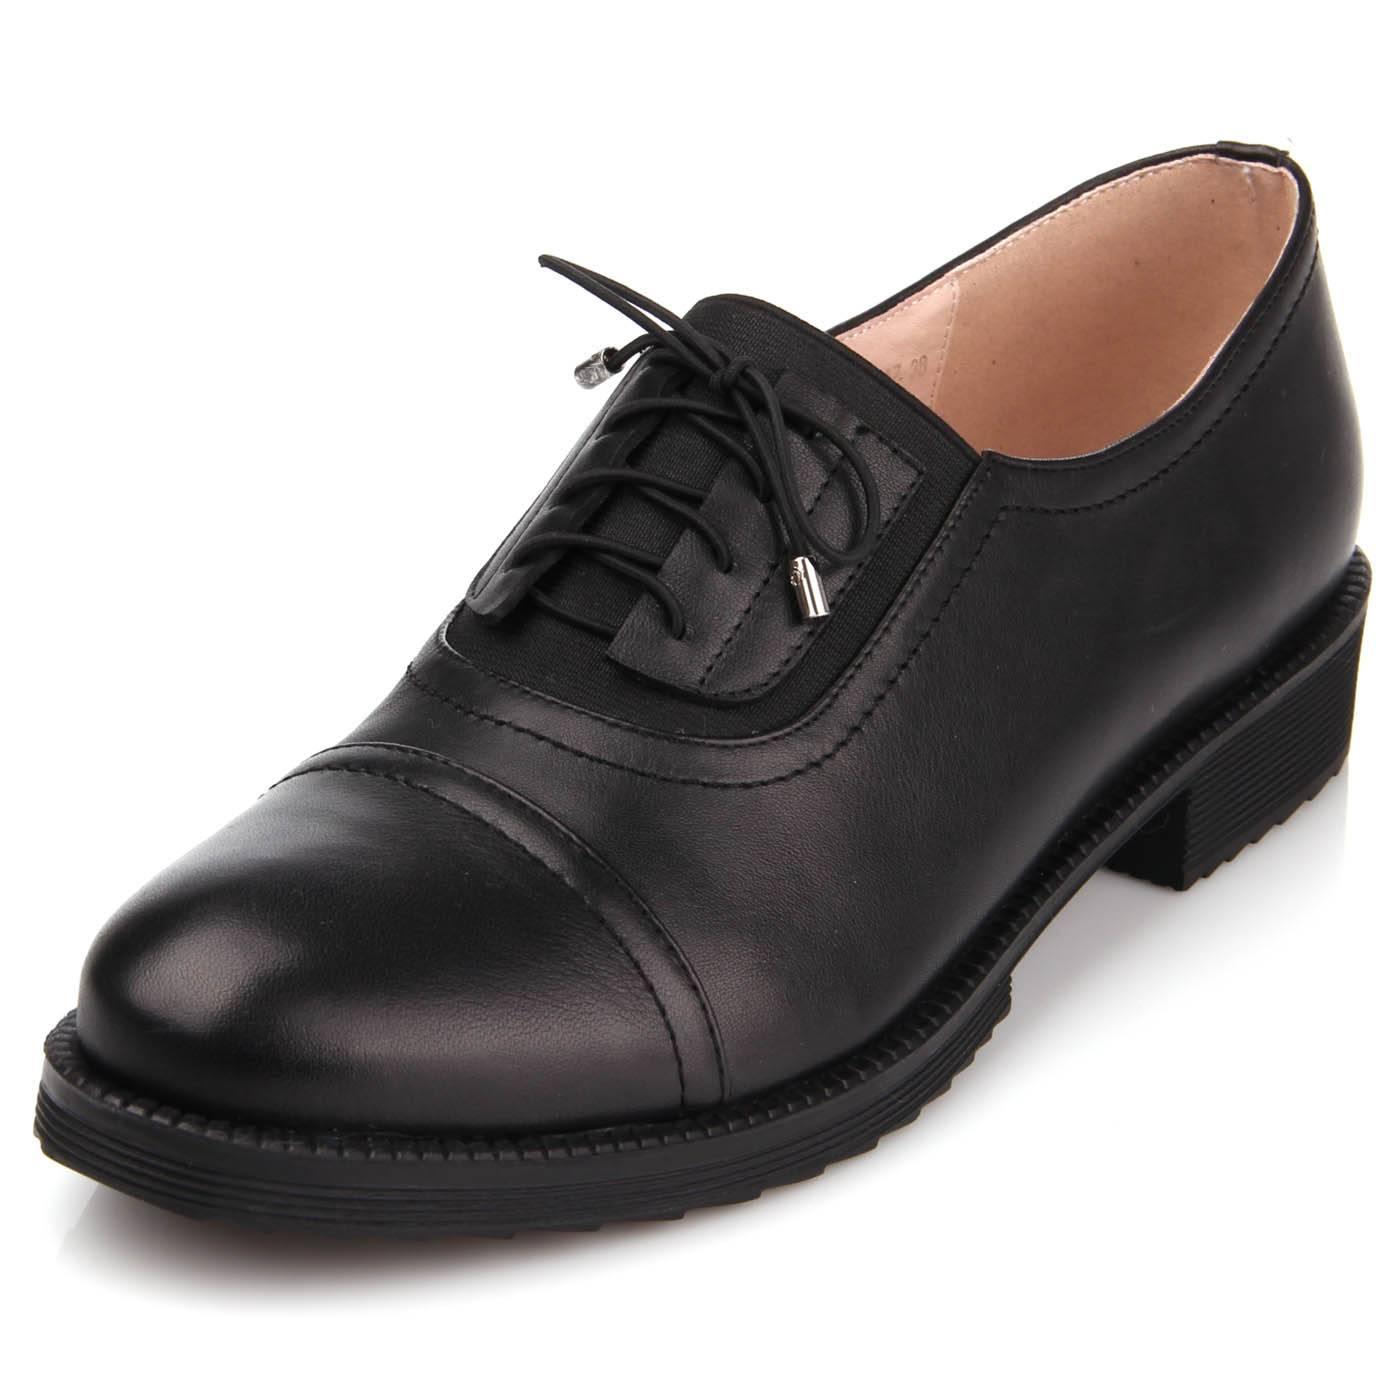 Туфлі жіночі ditto 6857 Чорний купить по выгодной цене в интернет ... 74f2513905cd9